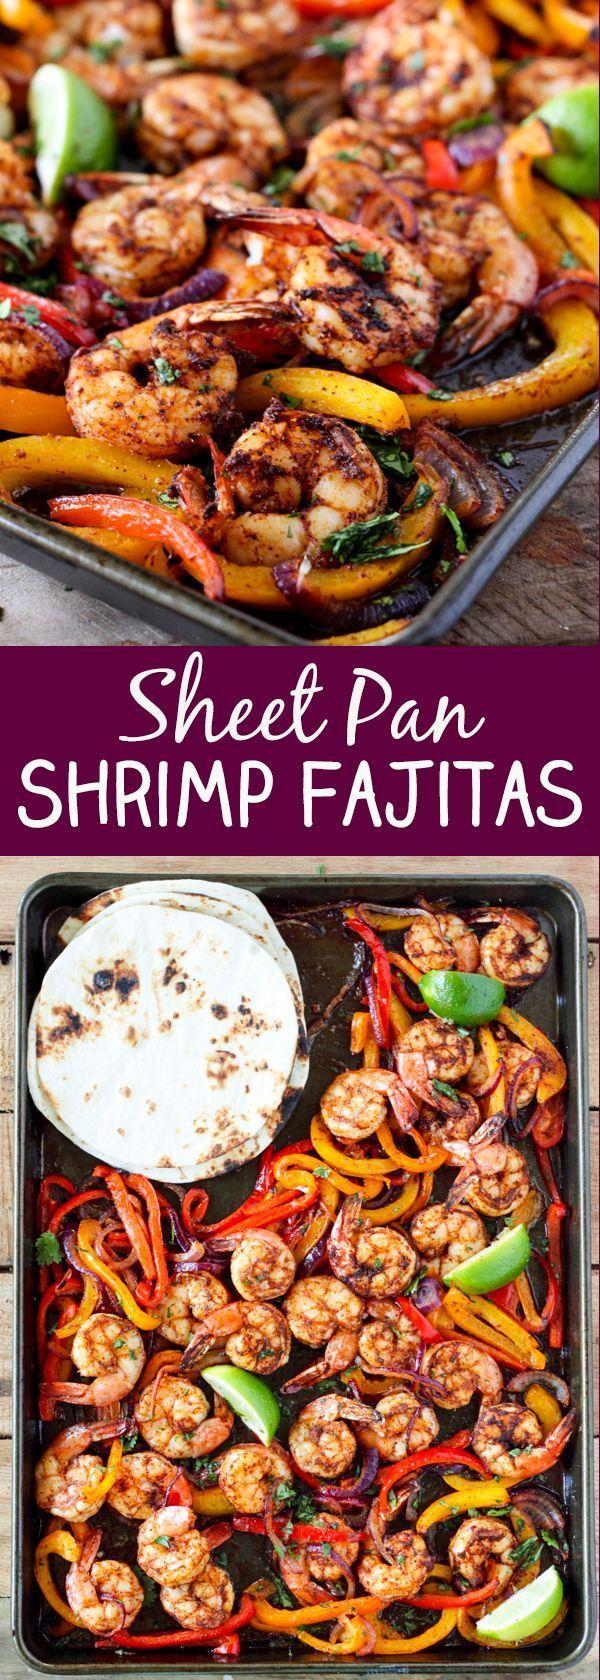 Blech Pan Shrimp Fajitas   – Sheet Pan Meals